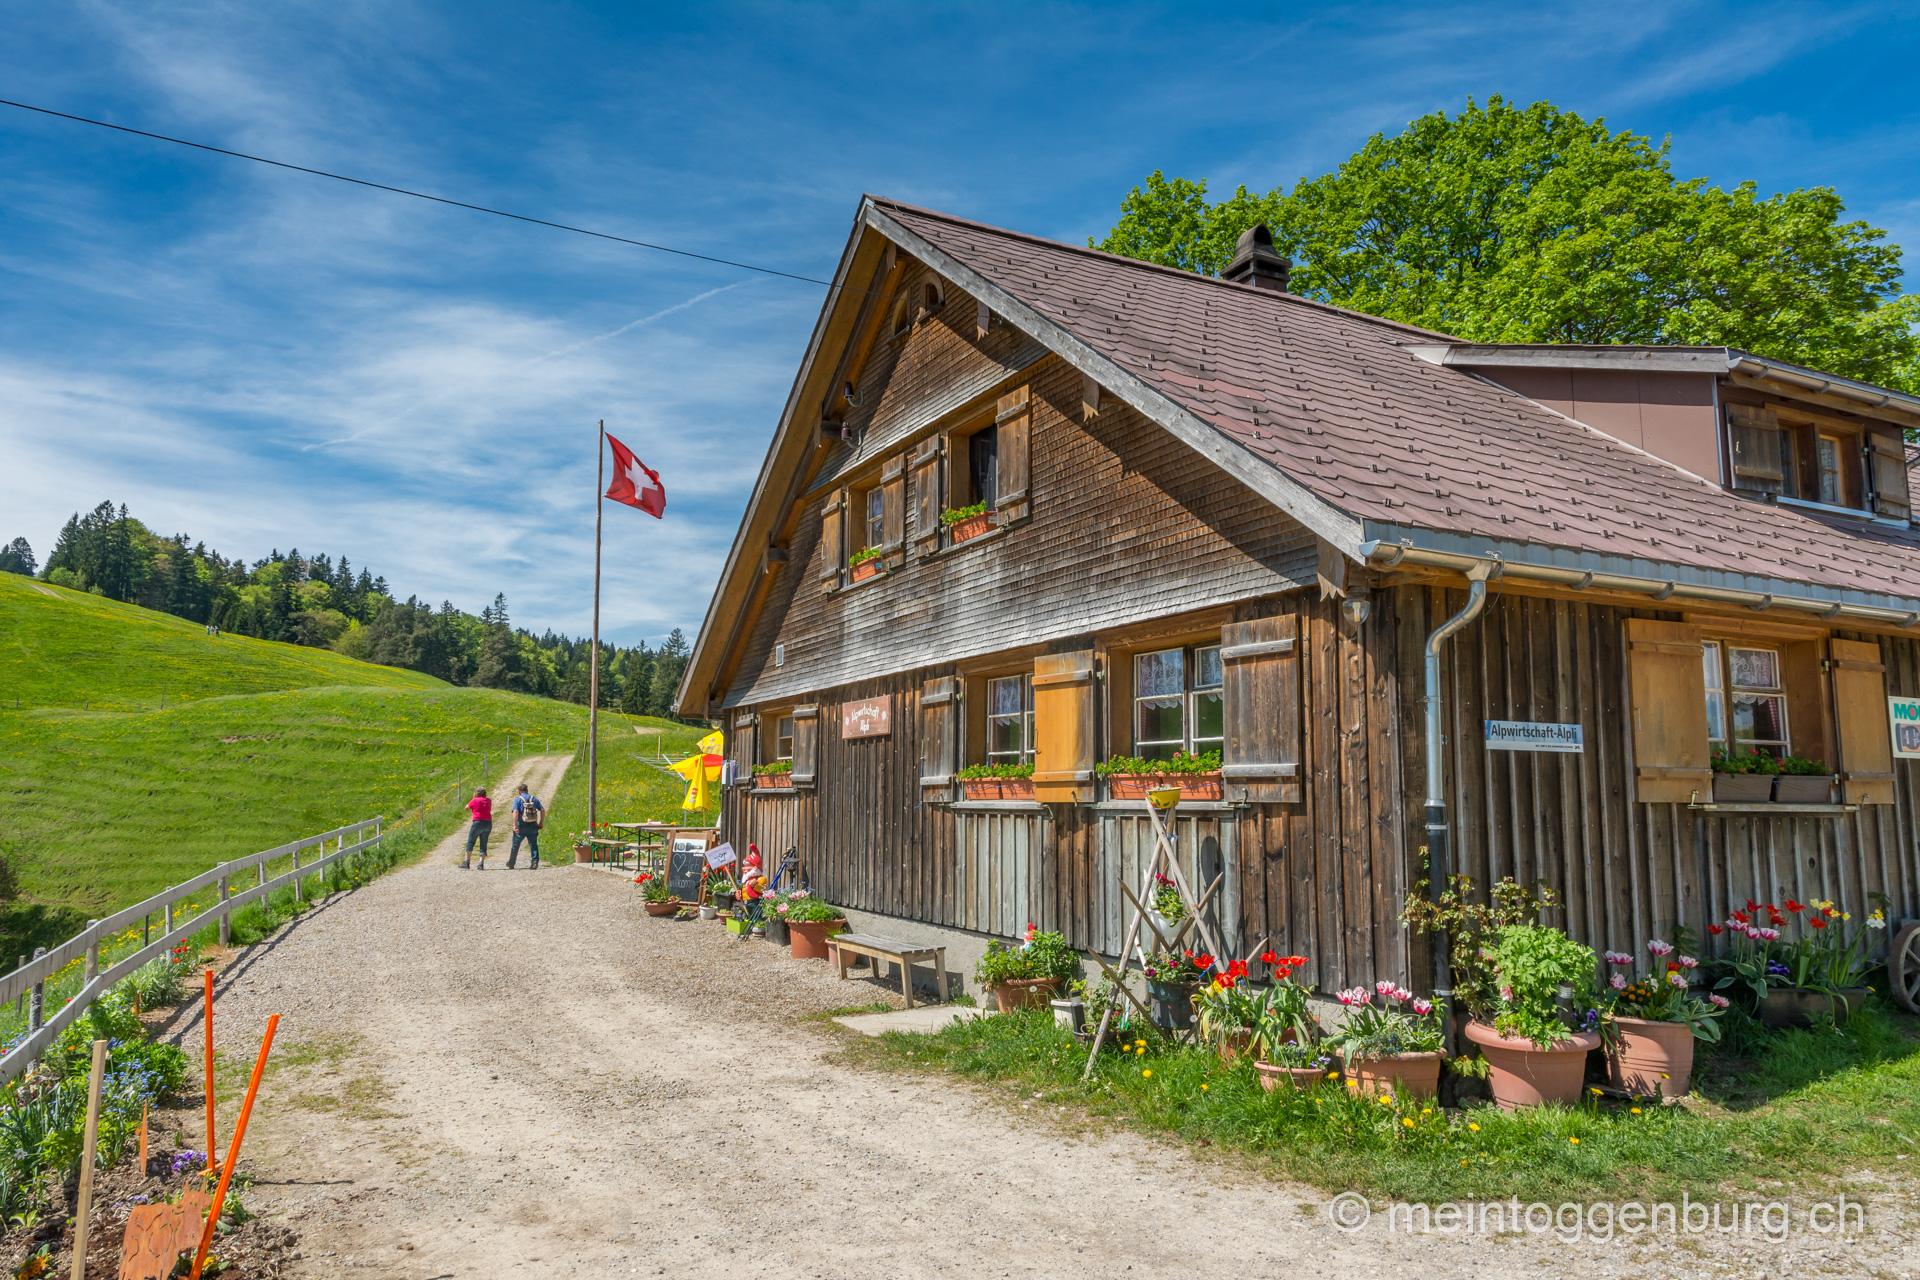 Wanderung Libingen - Chrüzegg - Atzmänig: Alpwirtschaft Älpli